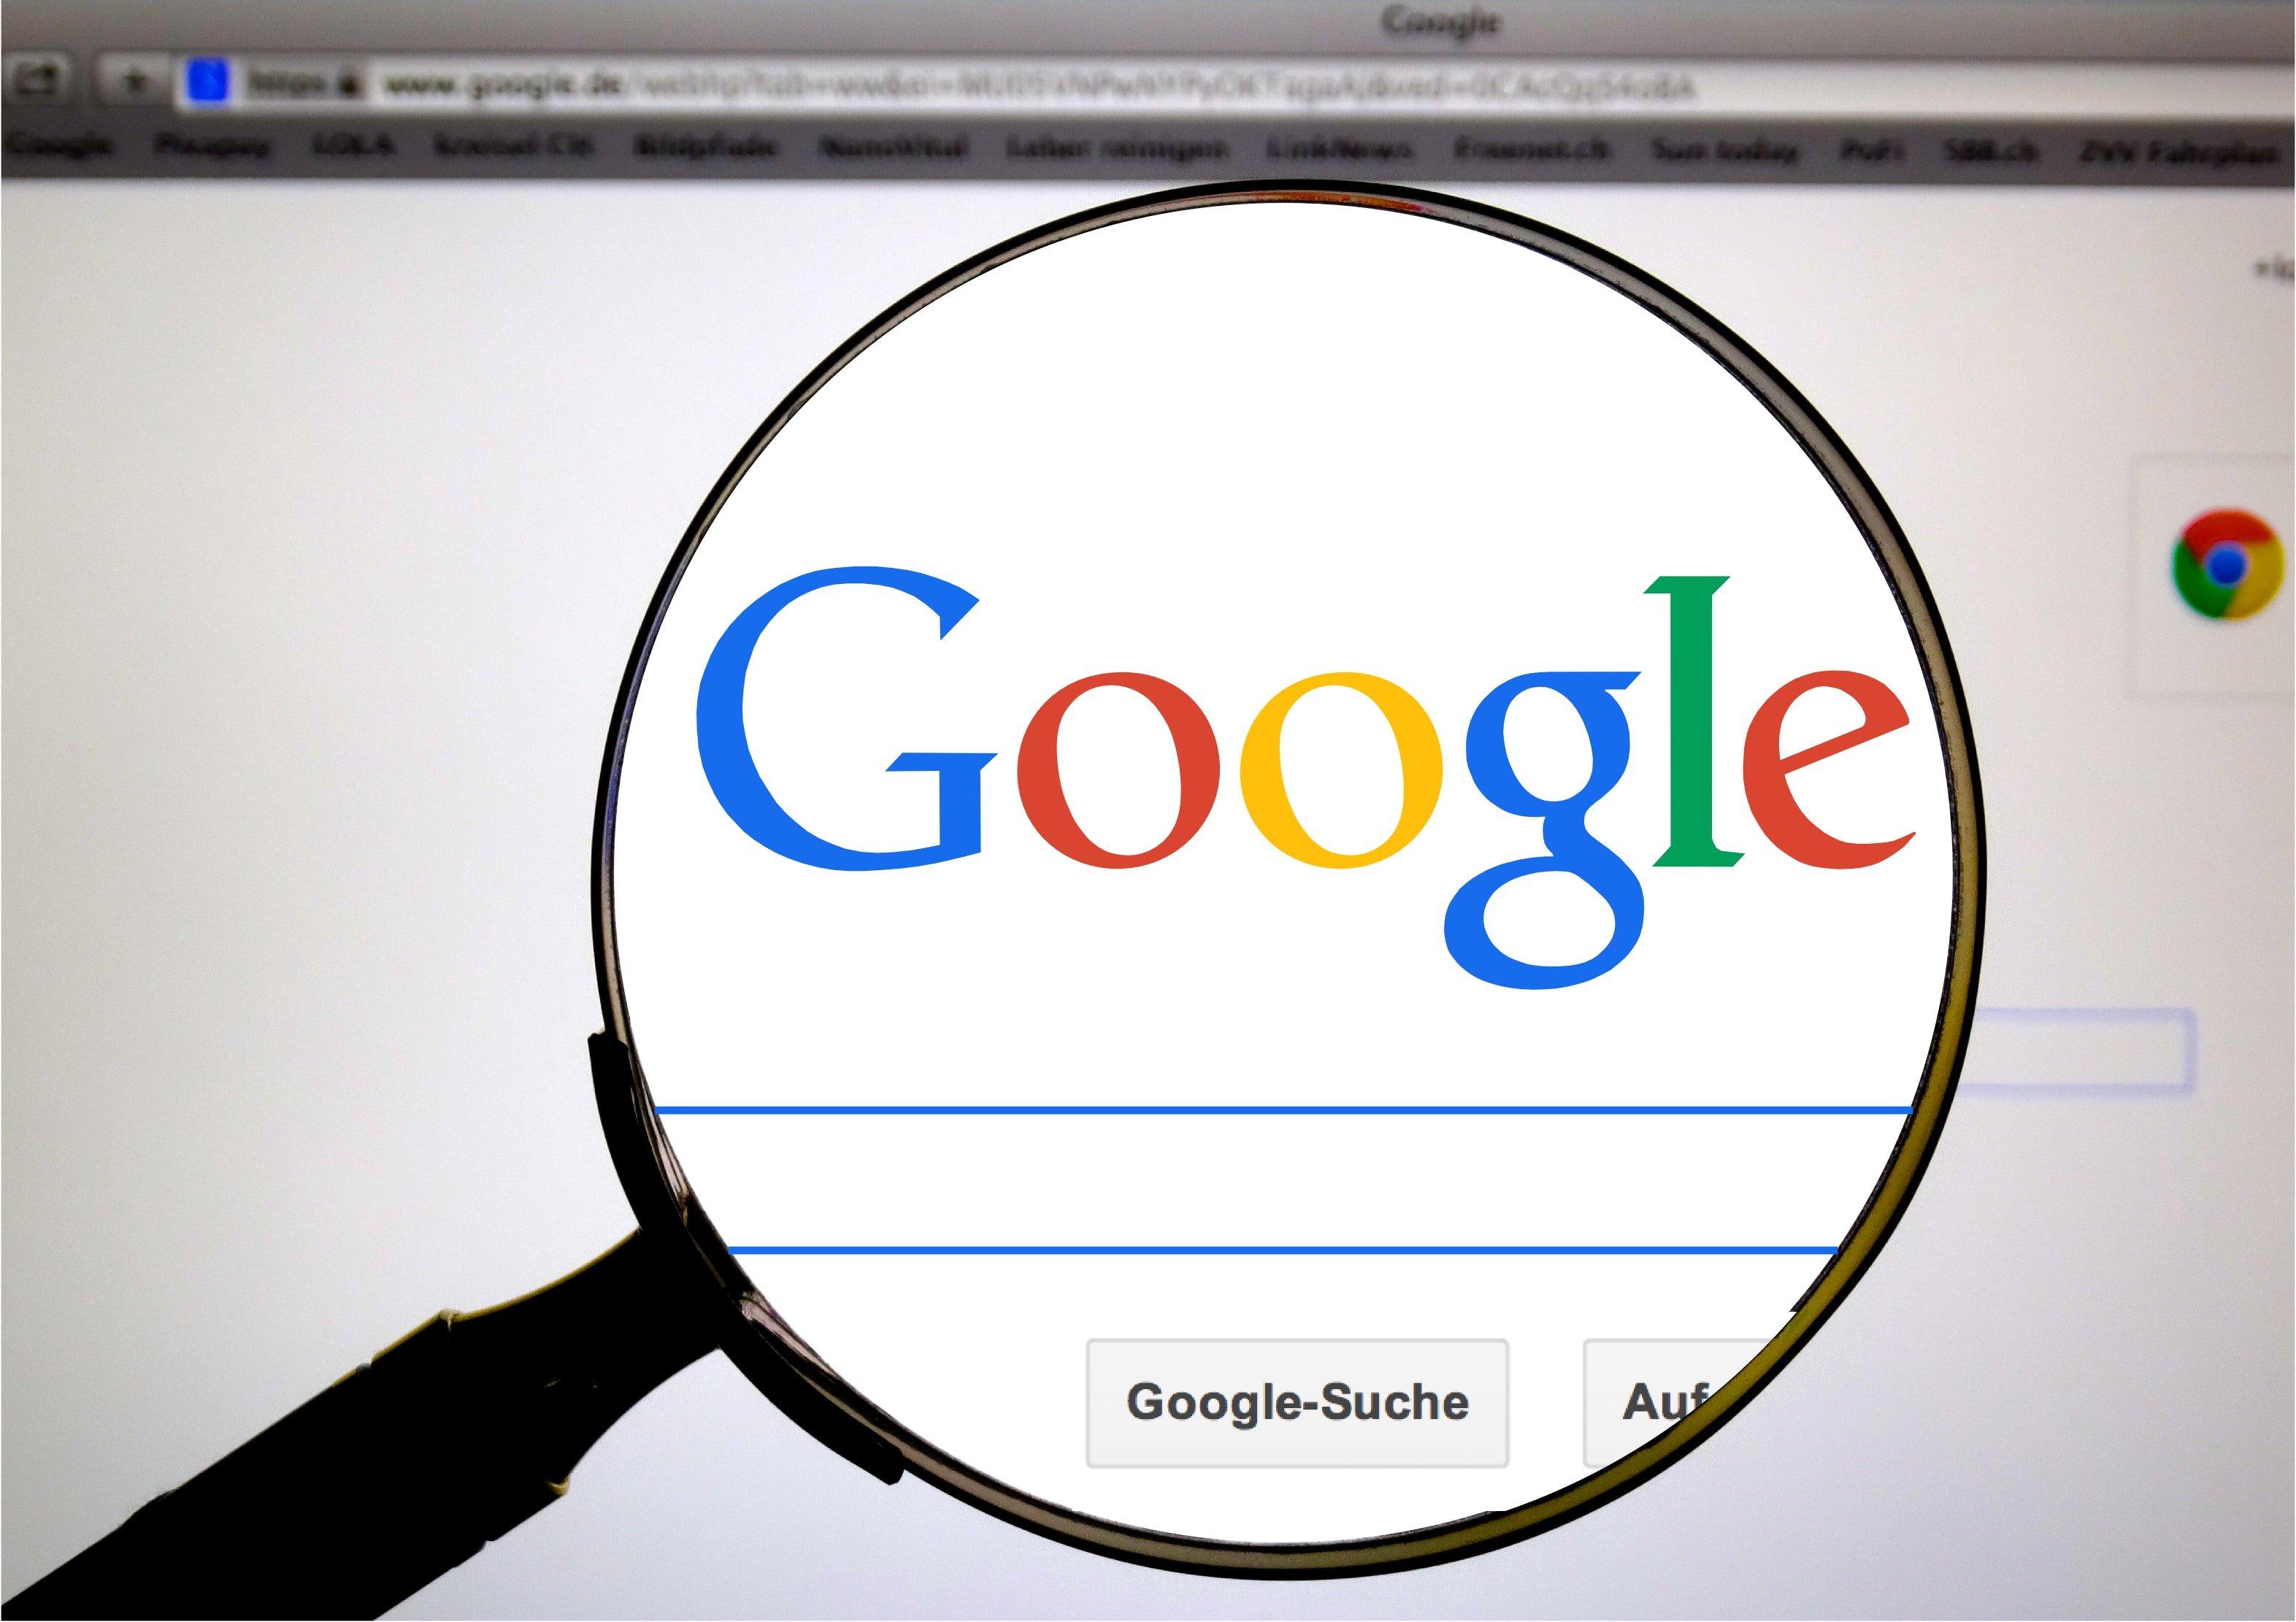 Пользователи из РФ сообщили о проблемах в работе поисковика Google